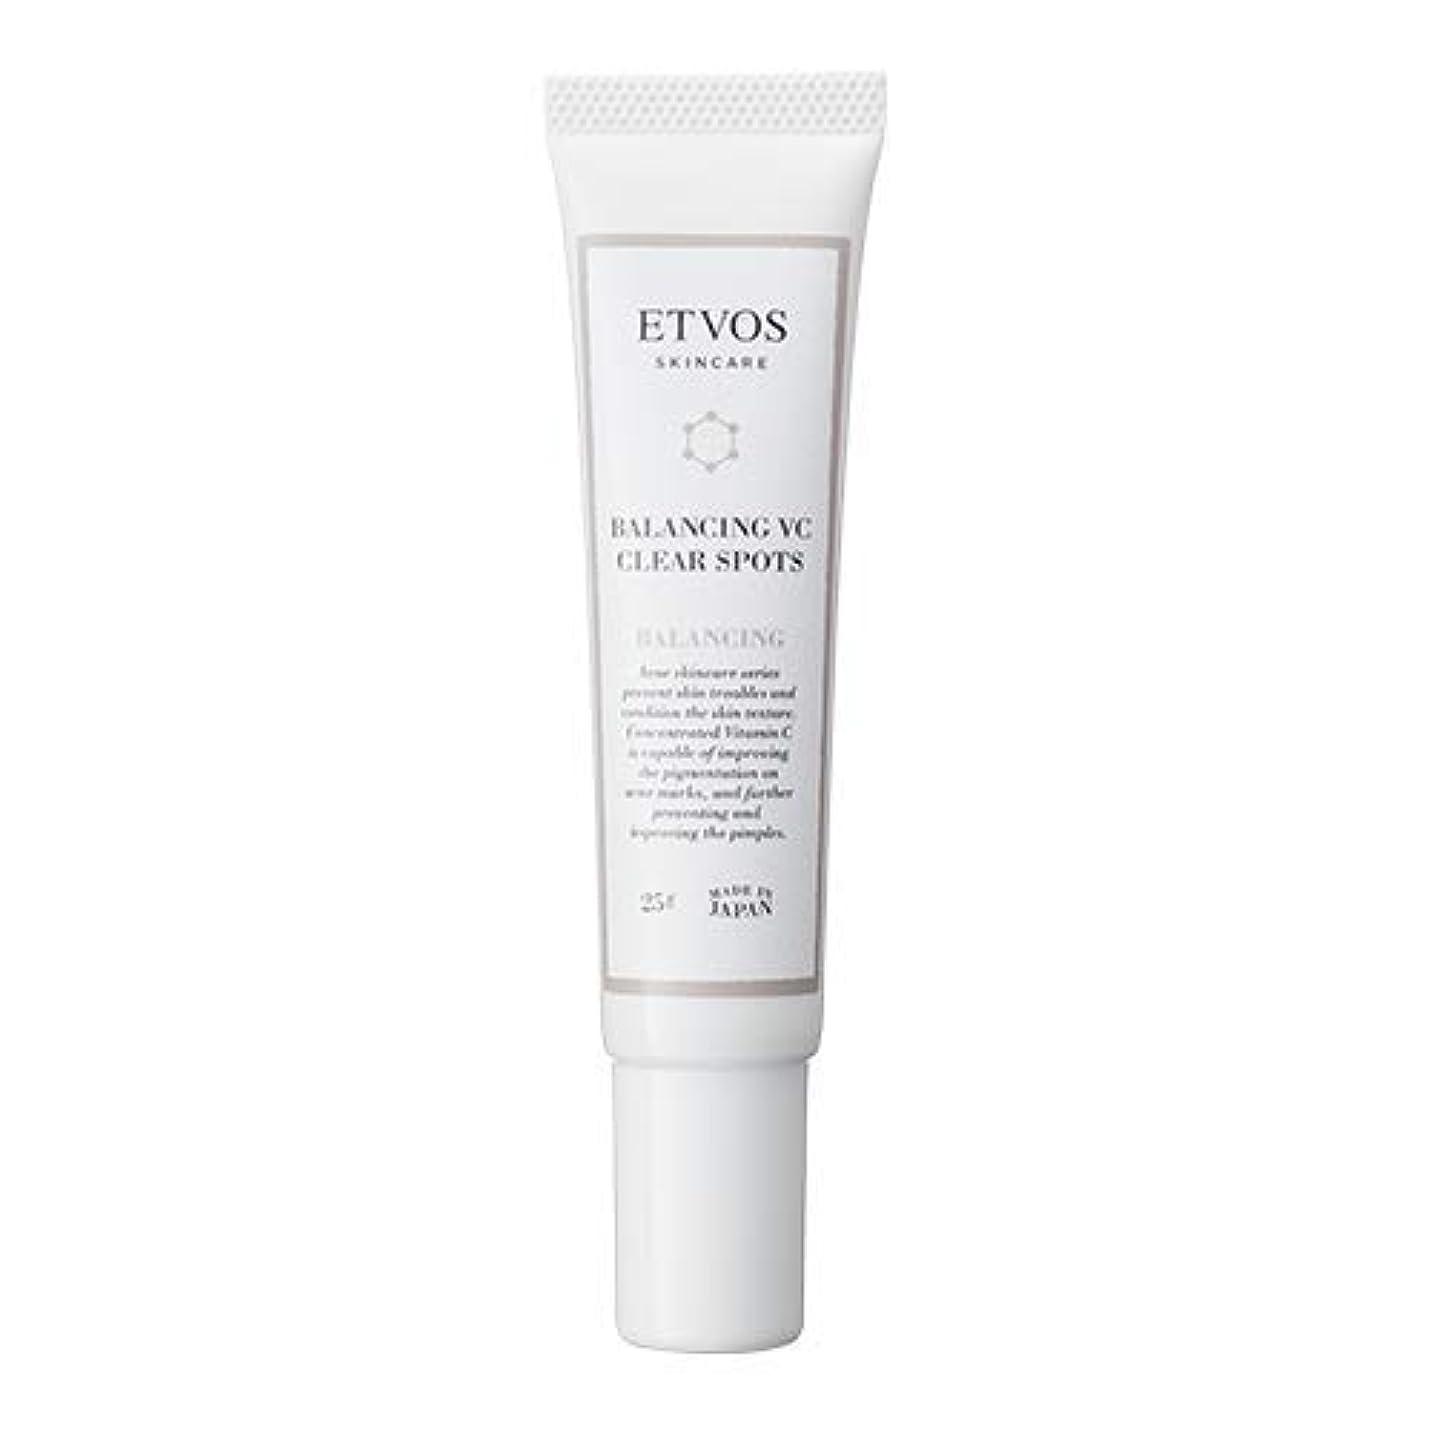 アレルギーミスペンドフォージETVOS(エトヴォス) 肌荒れ防止美容液 バランシングVCクリアスポッツ 25g アゼライン酸 おでこ/あご/頭皮